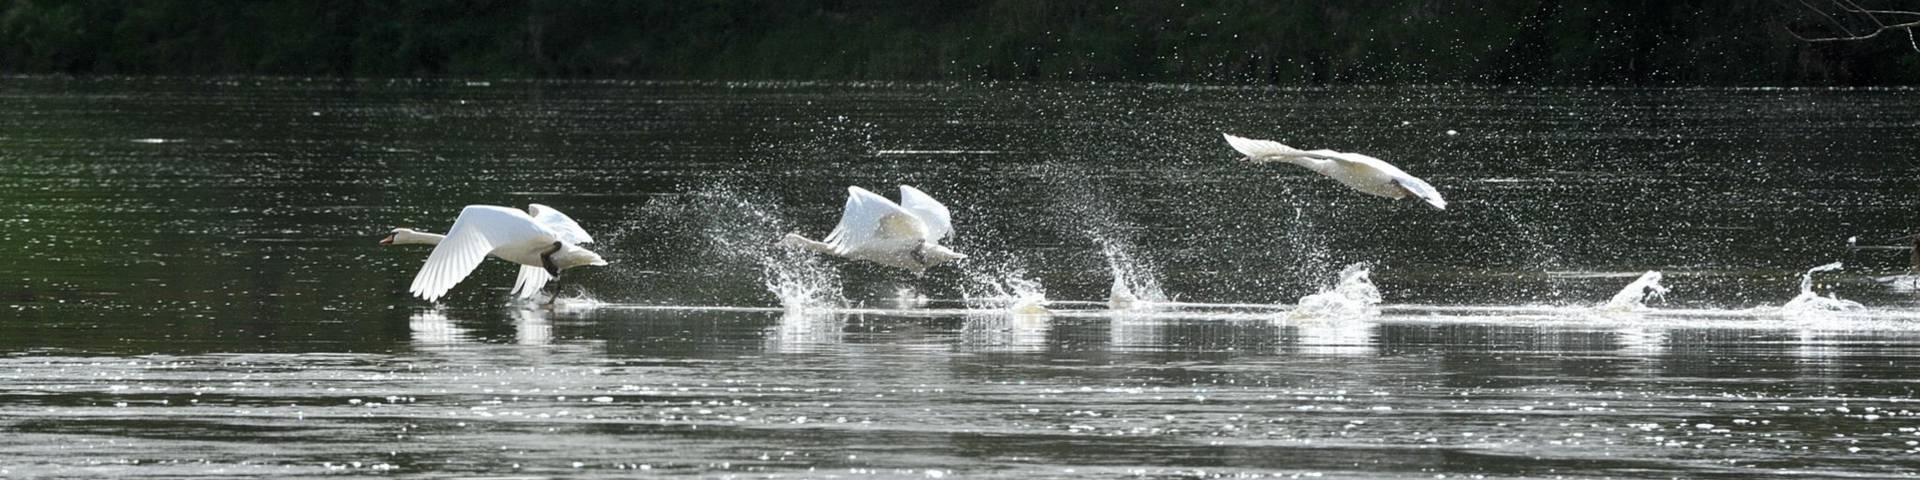 Vuelo de cisnes sobre el río Loira